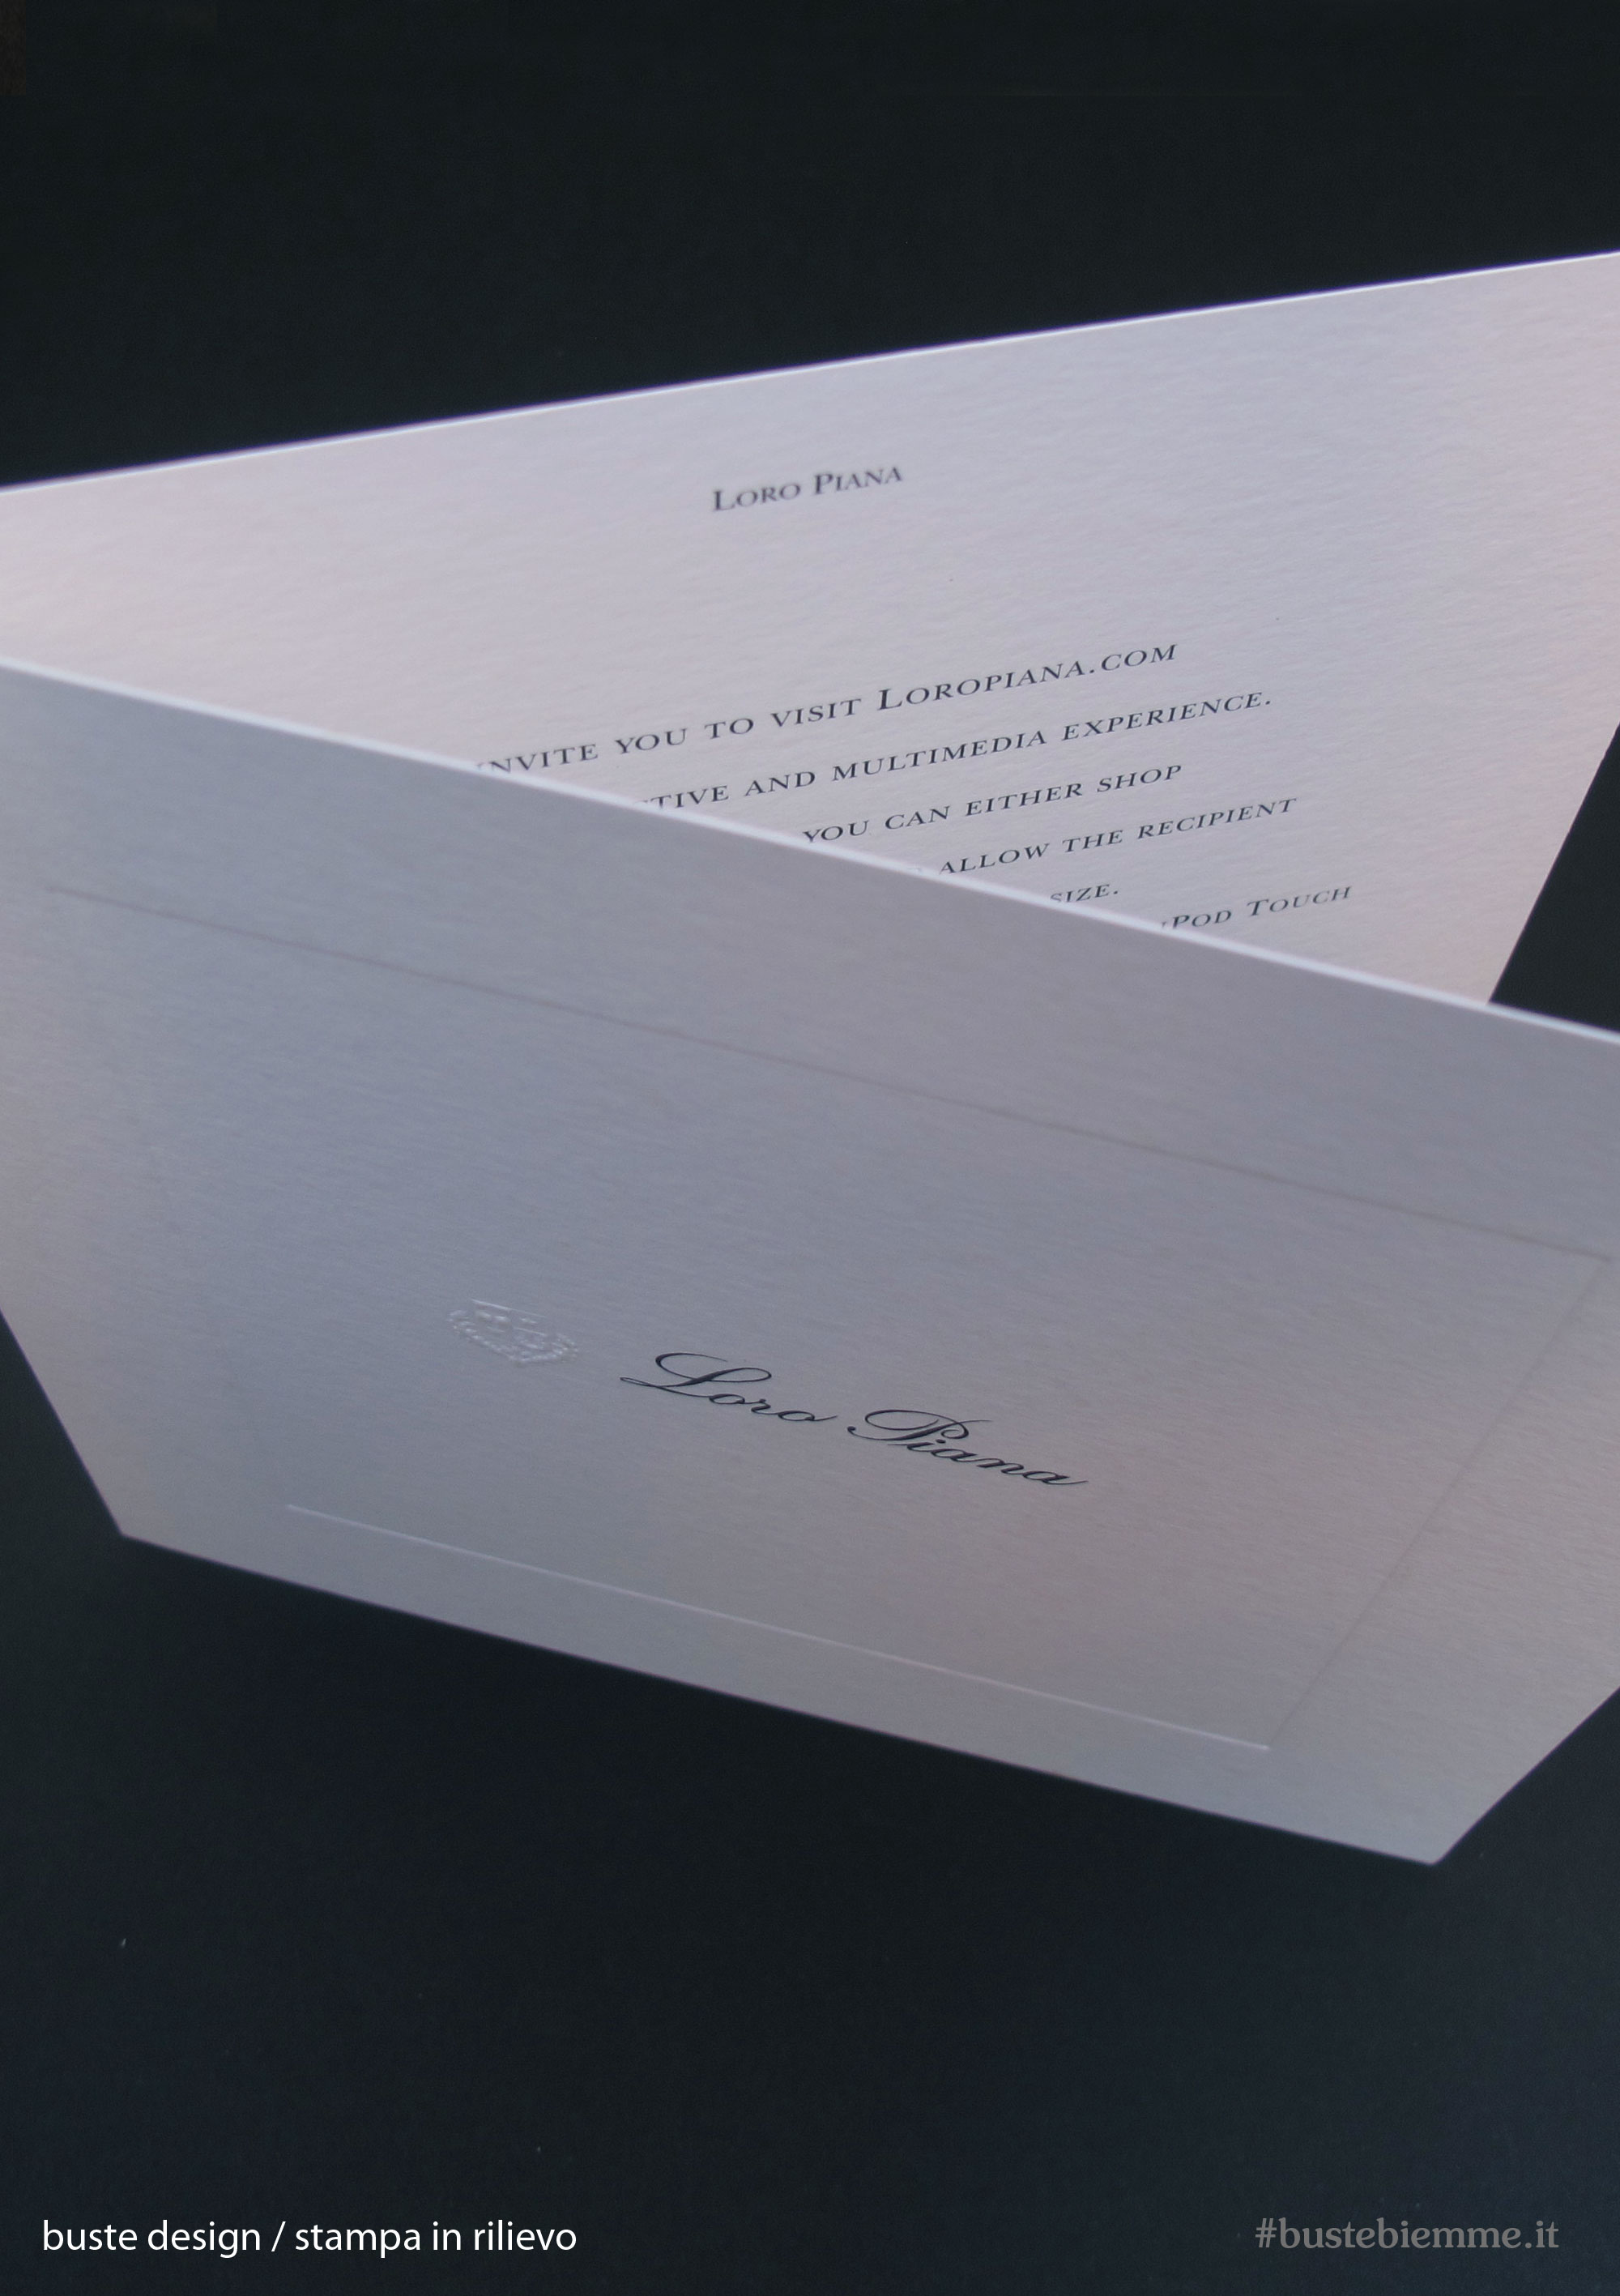 busta design carta ricercata incisione e stampa a rilievo